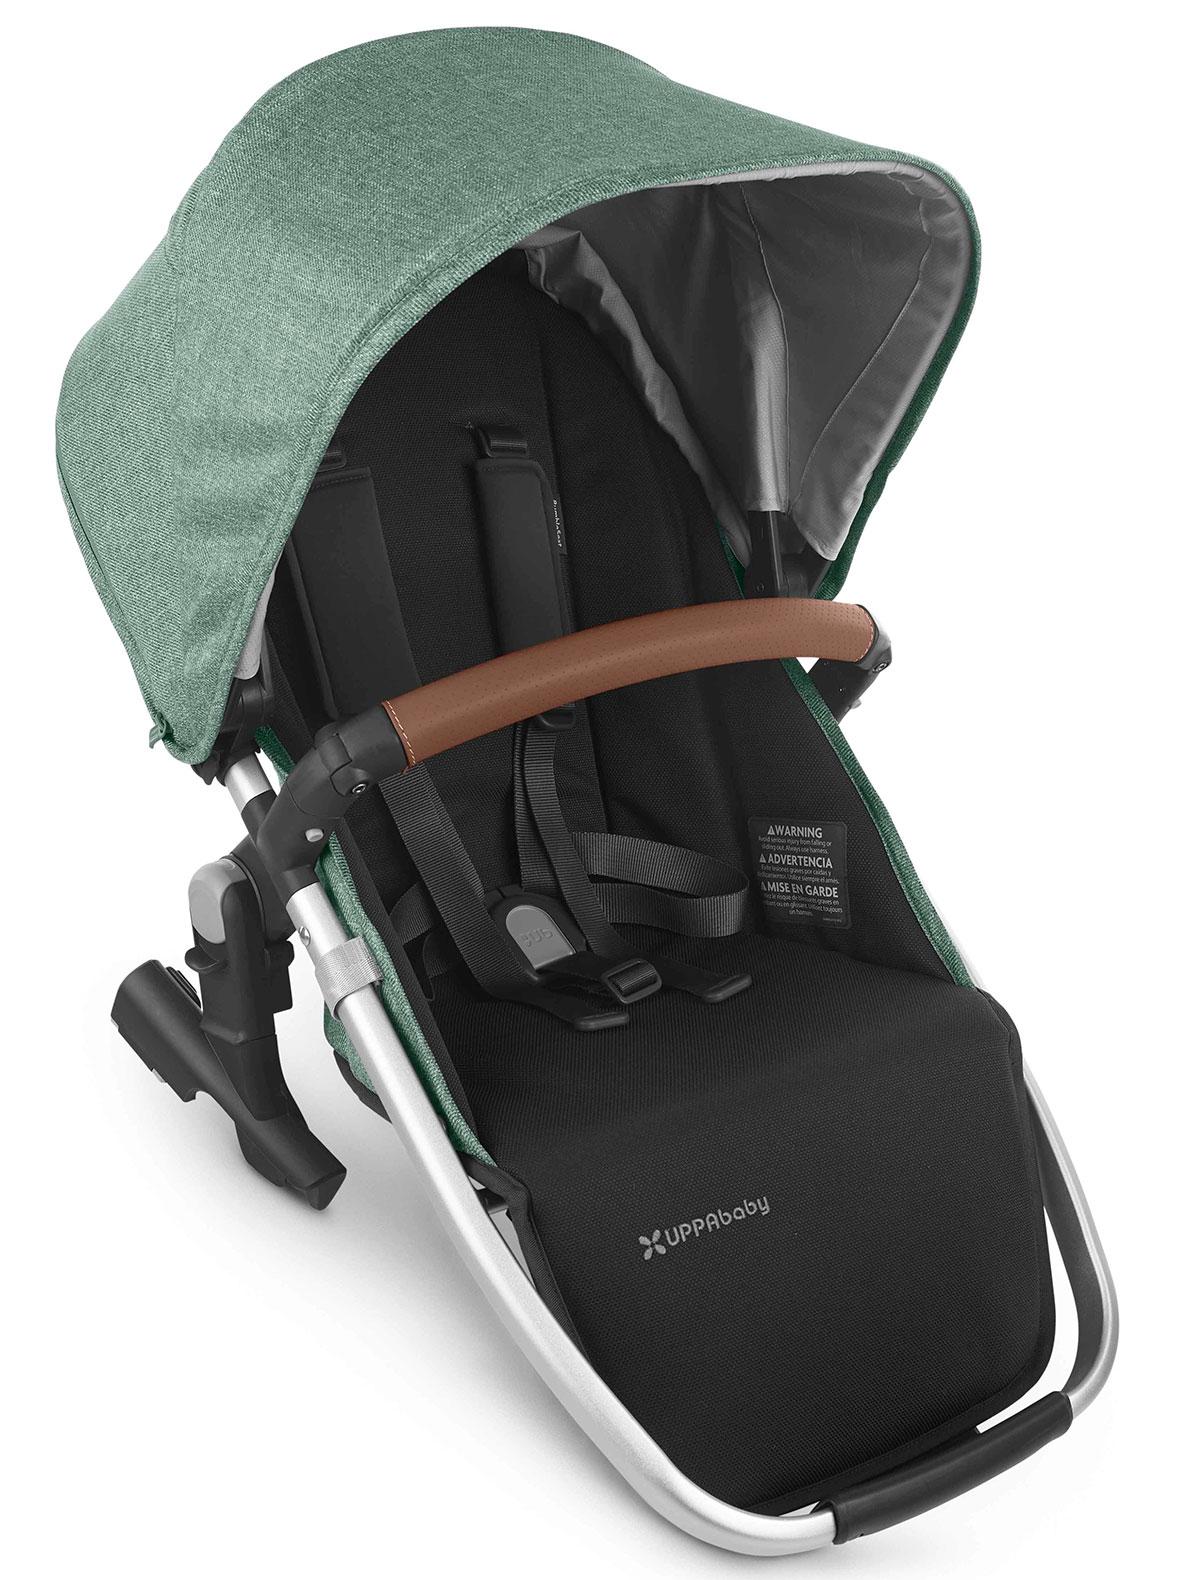 Купить 2218257, Аксессуар для коляски UPPAbaby, зеленый, 3984529070102